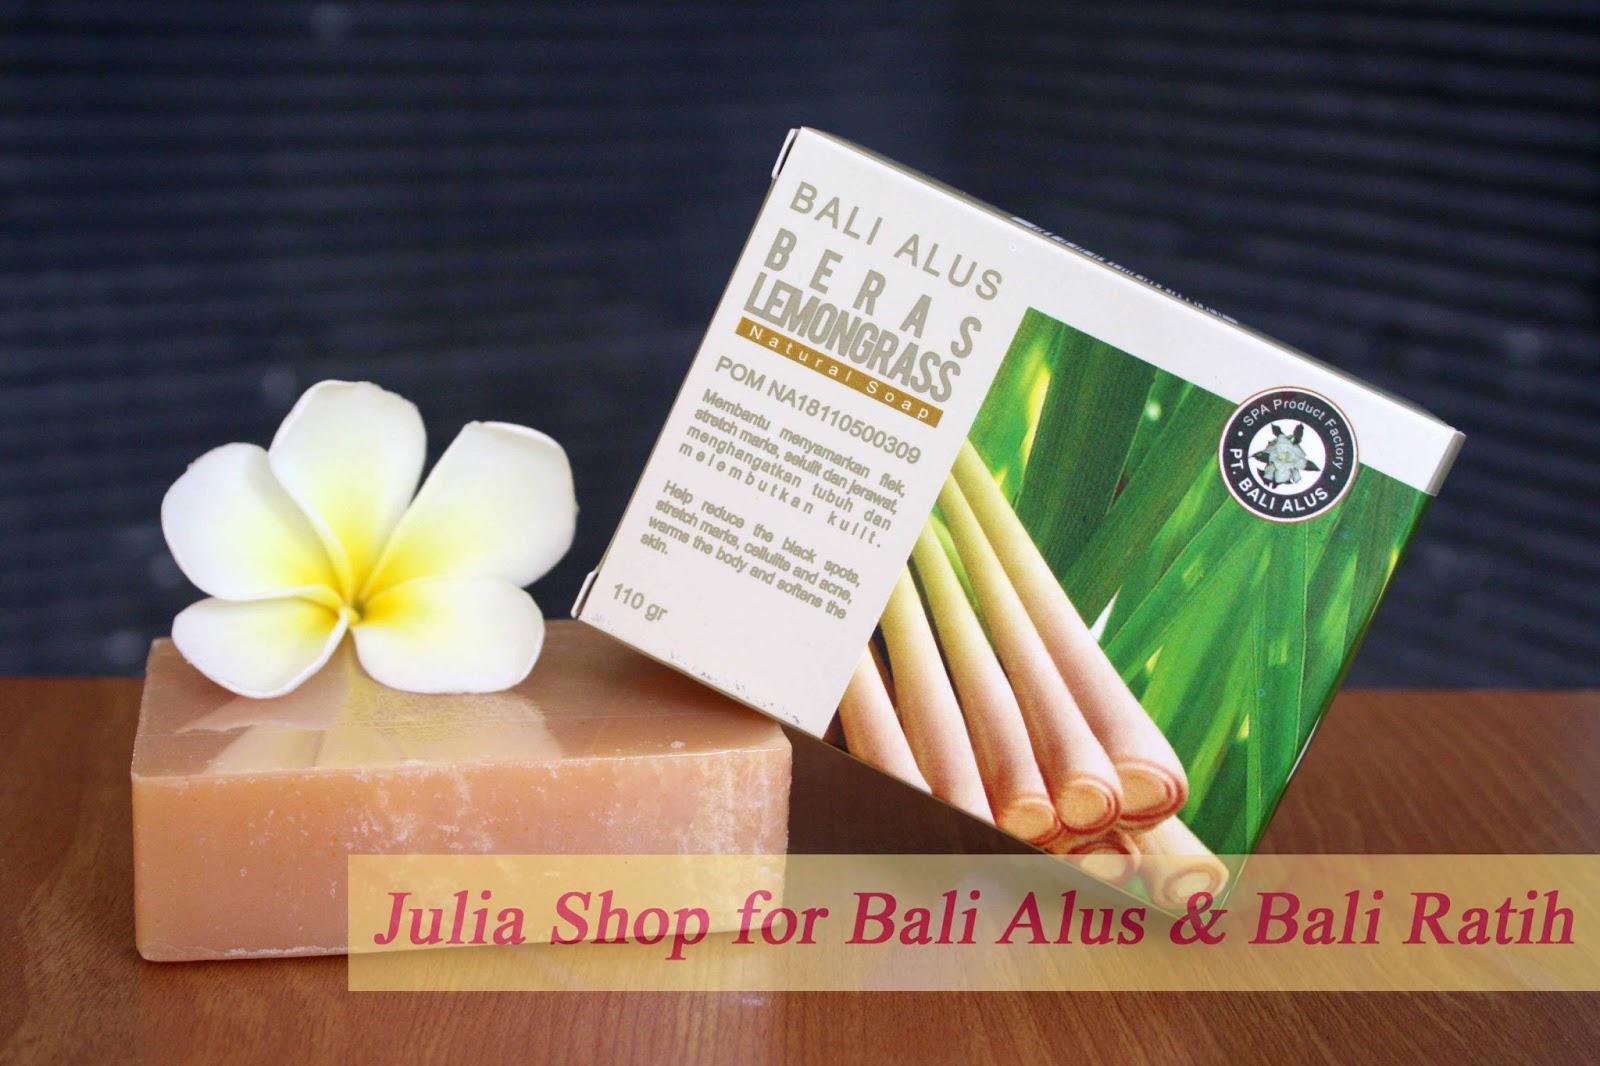 Julia Shop Bekasi Maret 2013 Sabun Natural Spa 110gr Beras Lemongrass Bali Alus